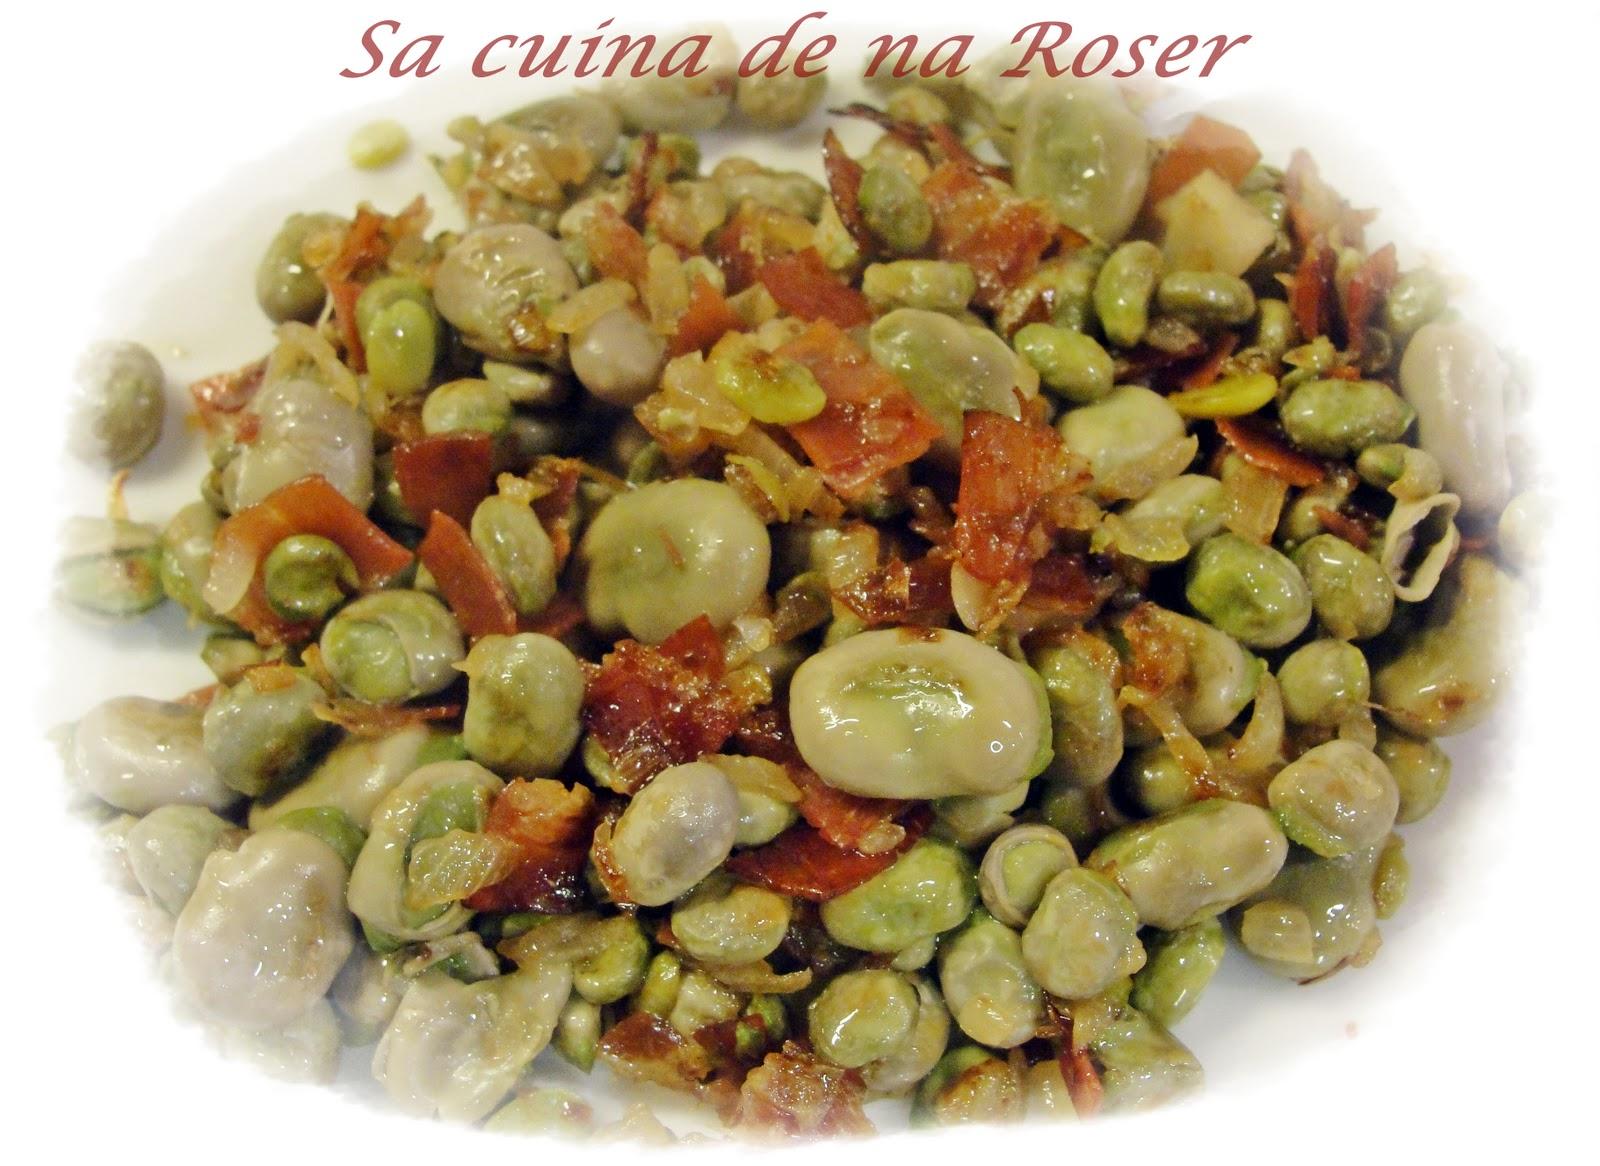 Sa cuina de na roser habitas tiernas con jam n - Habas tiernas con jamon ...